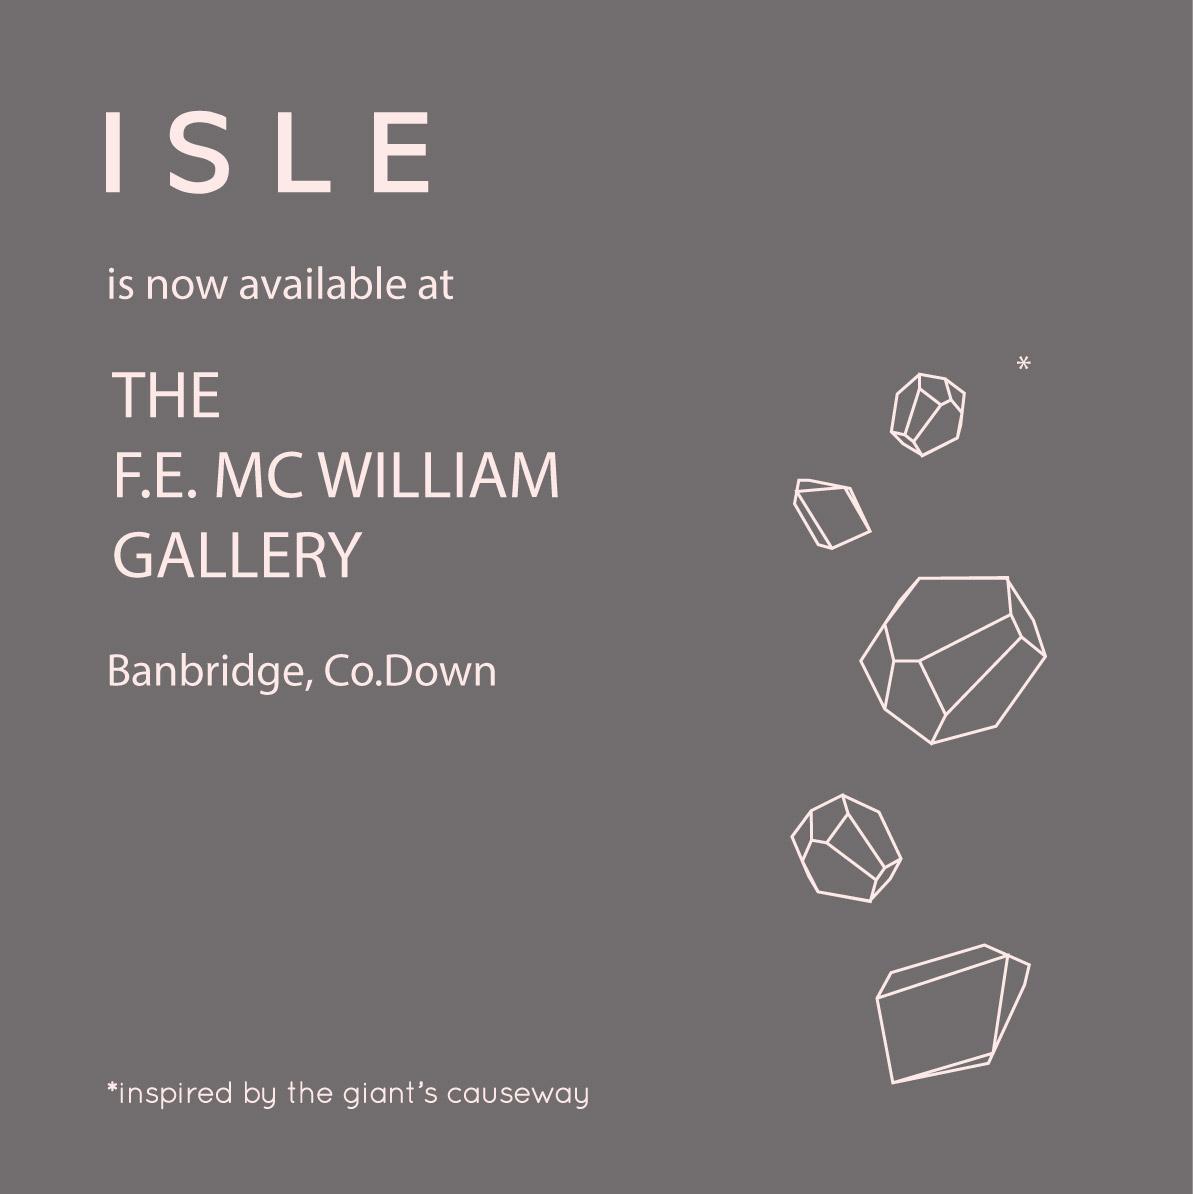 ISLE_femcwilliwm